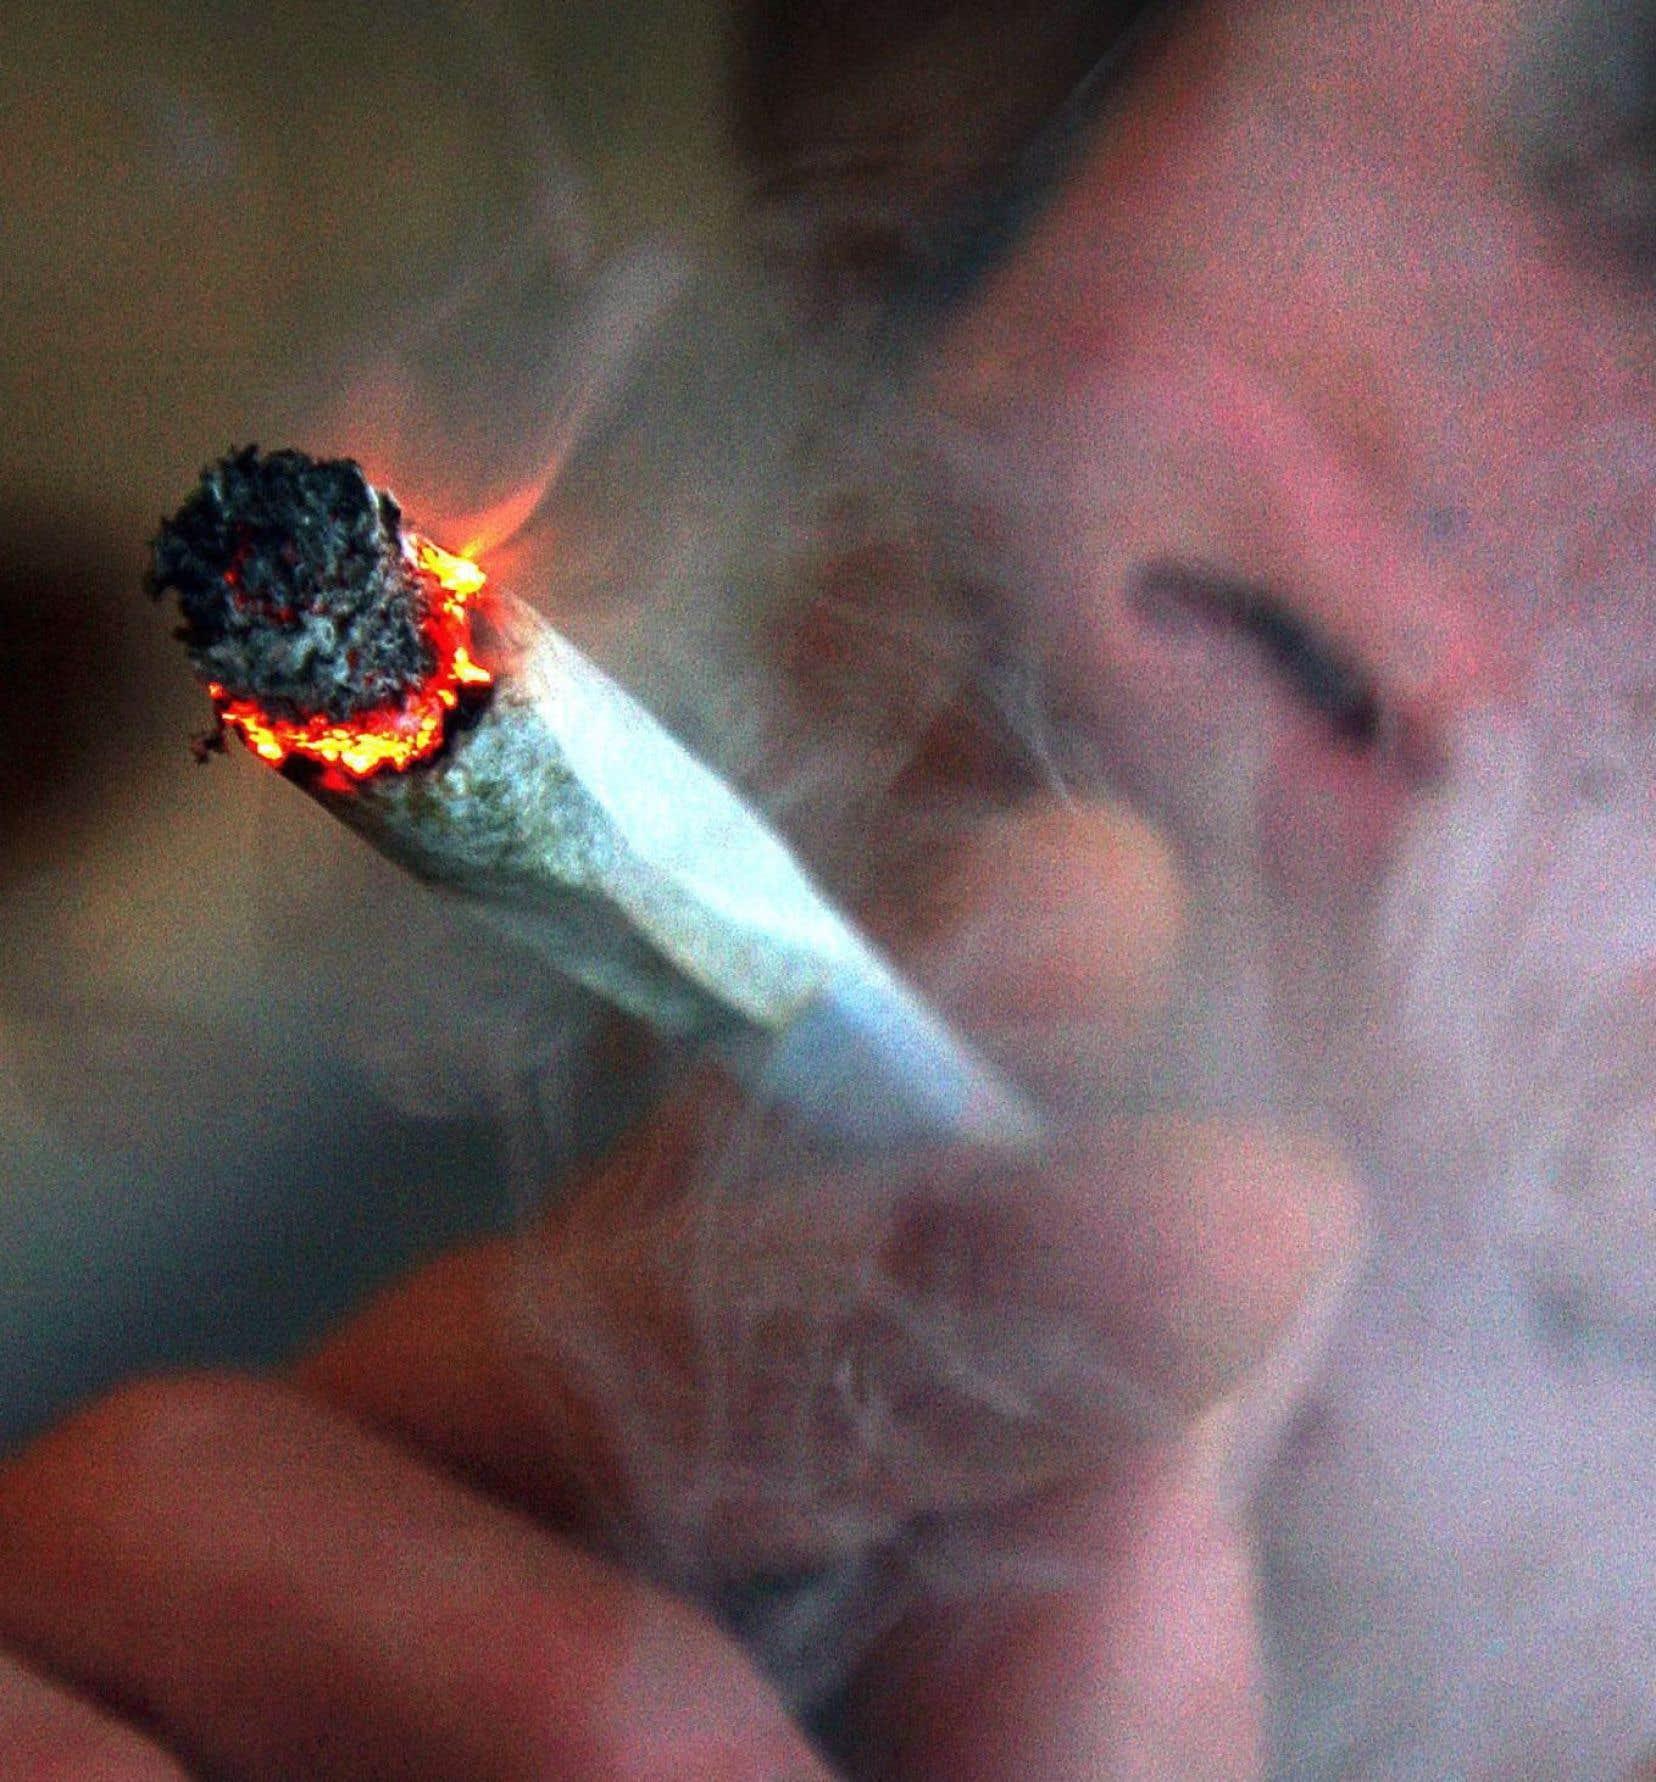 <p>Des médecins expliquent que chaque jour, dans les urgences du Québec, des personnes sont amenées pour des psychoses induites par le cannabis.</p>